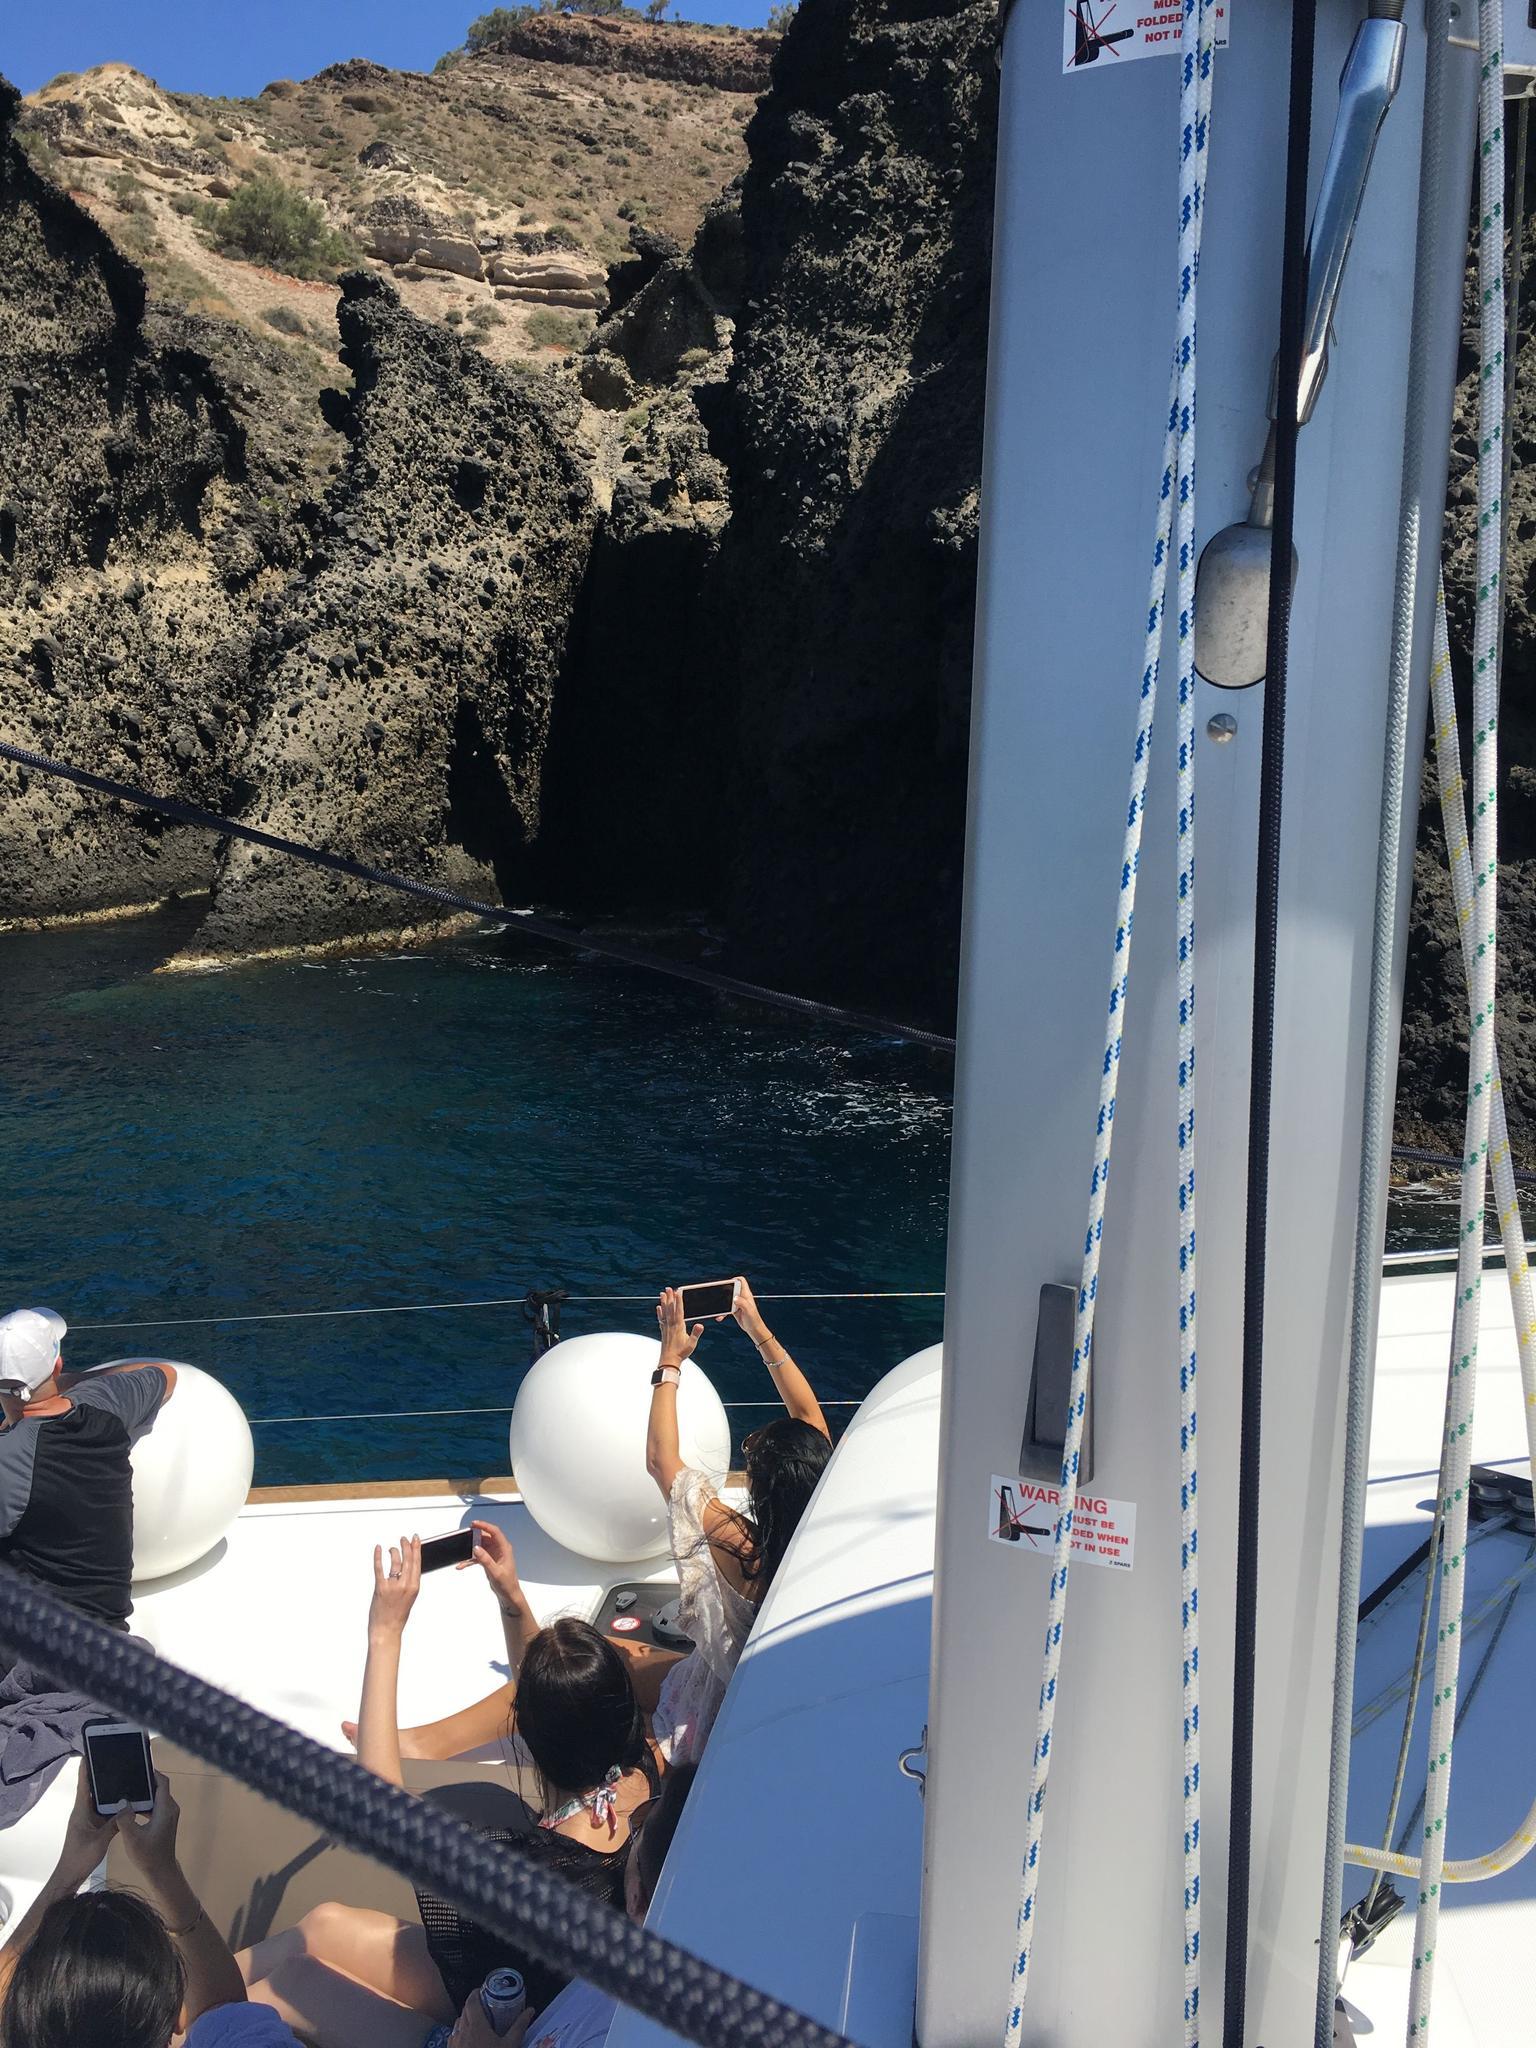 MÁS FOTOS, Recorrido por la caldera de Santorini con comida griega completa y bebidas